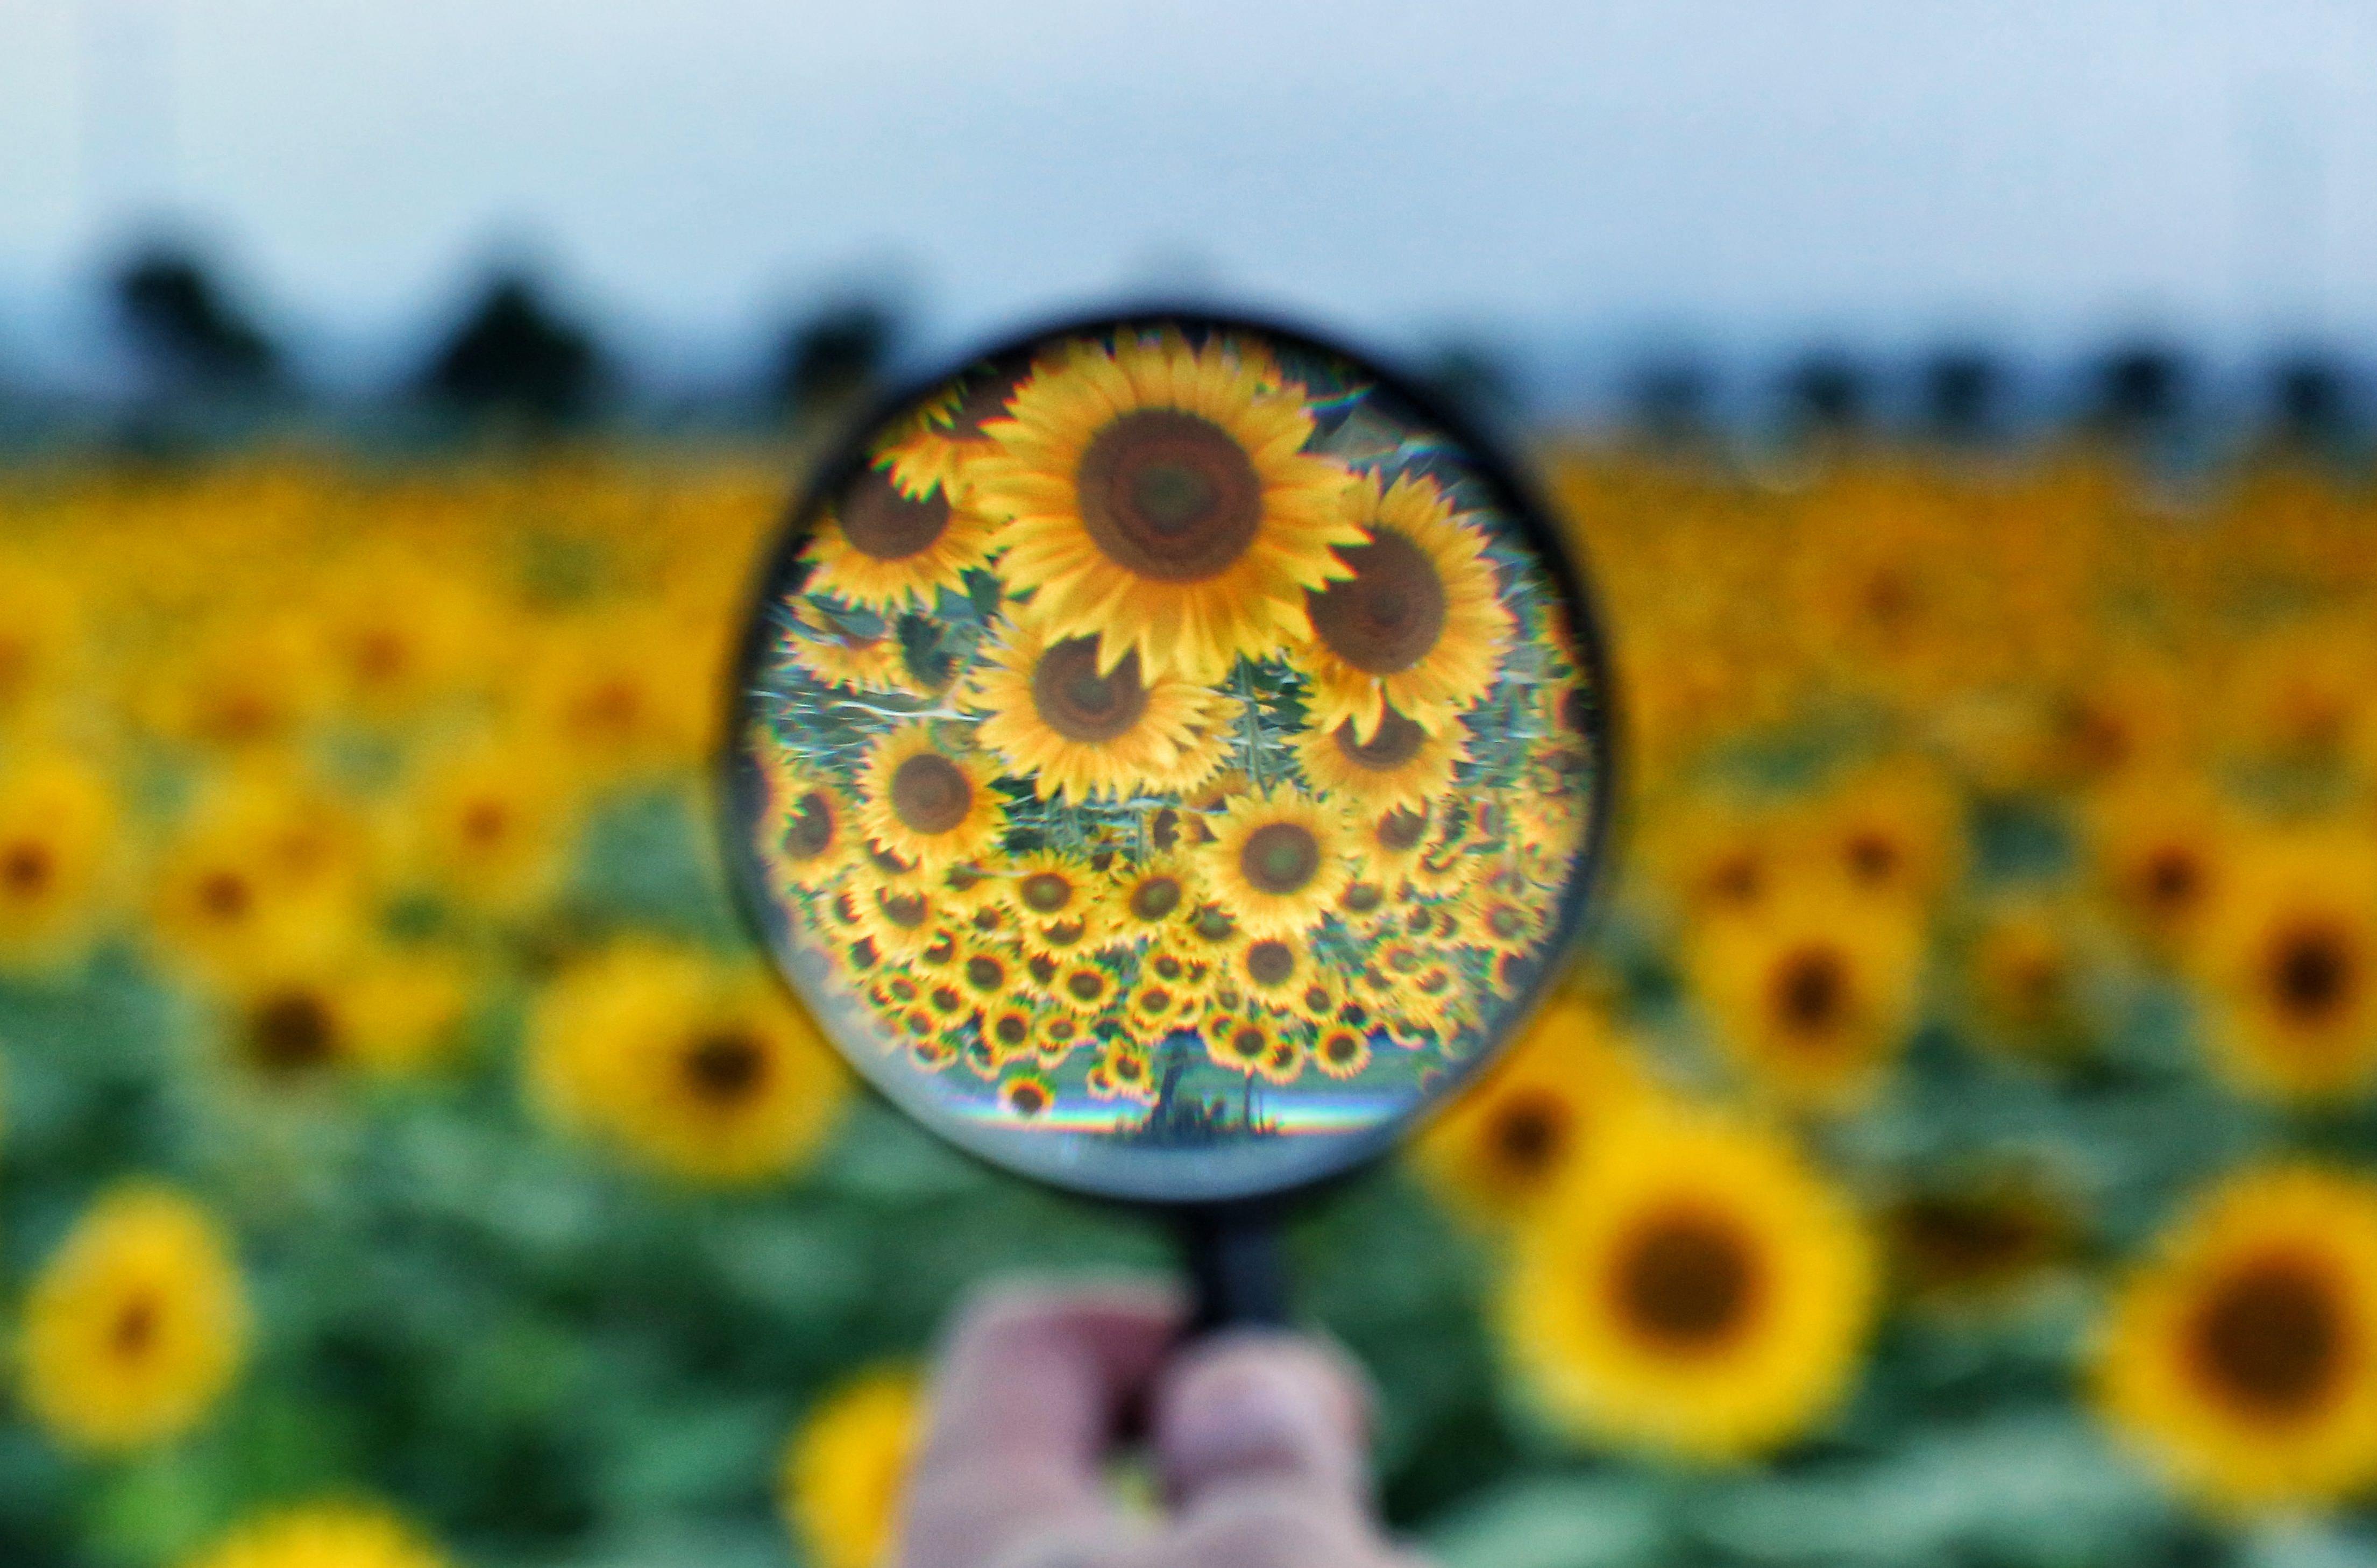 ひまわり畑を覗く虫メガネの斬新な使用方法の写真